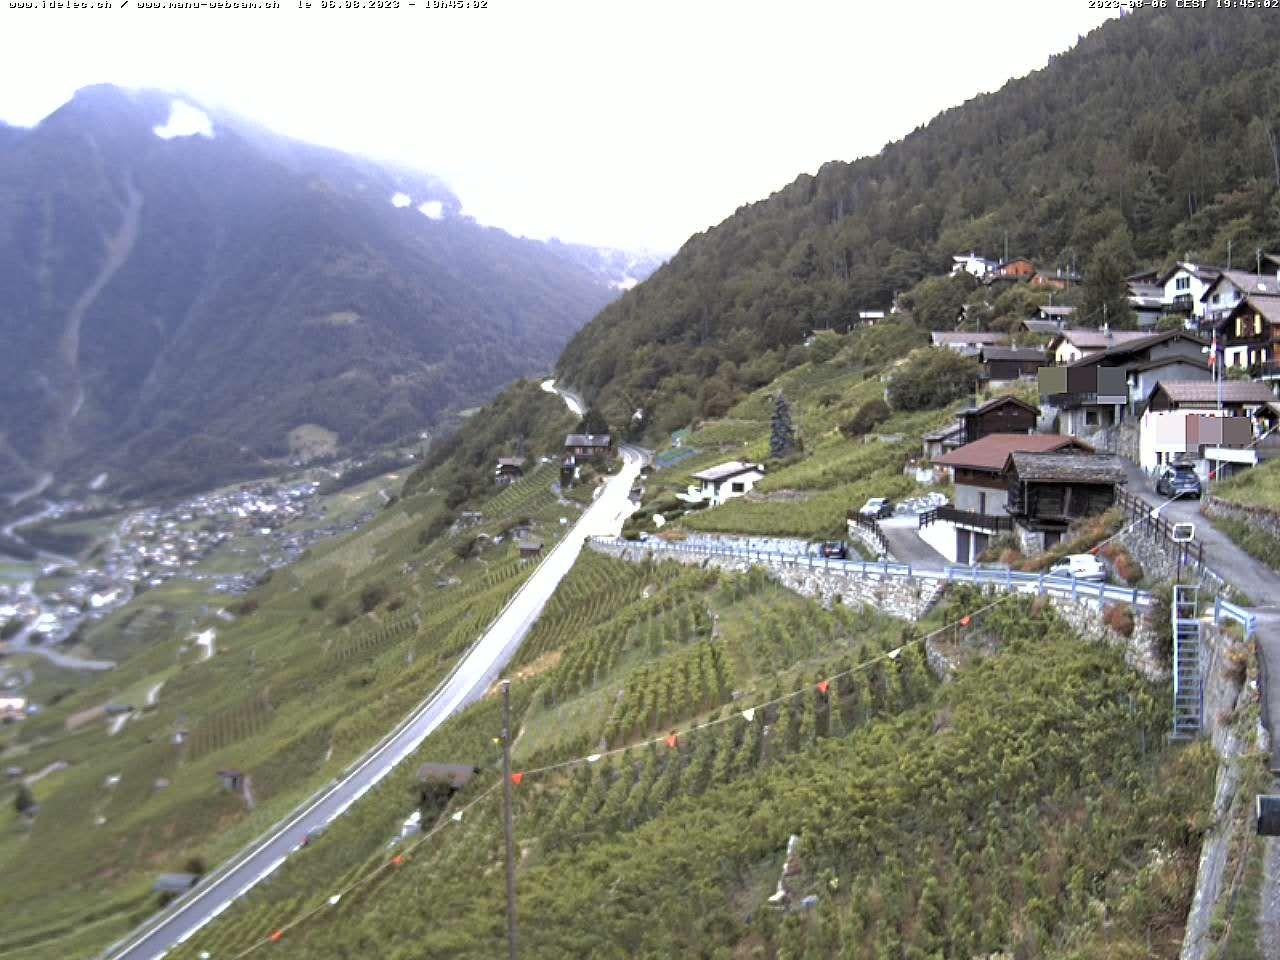 Ravoire: Vue sur la route du Col de la Forclaz sur Martigny Valais - France